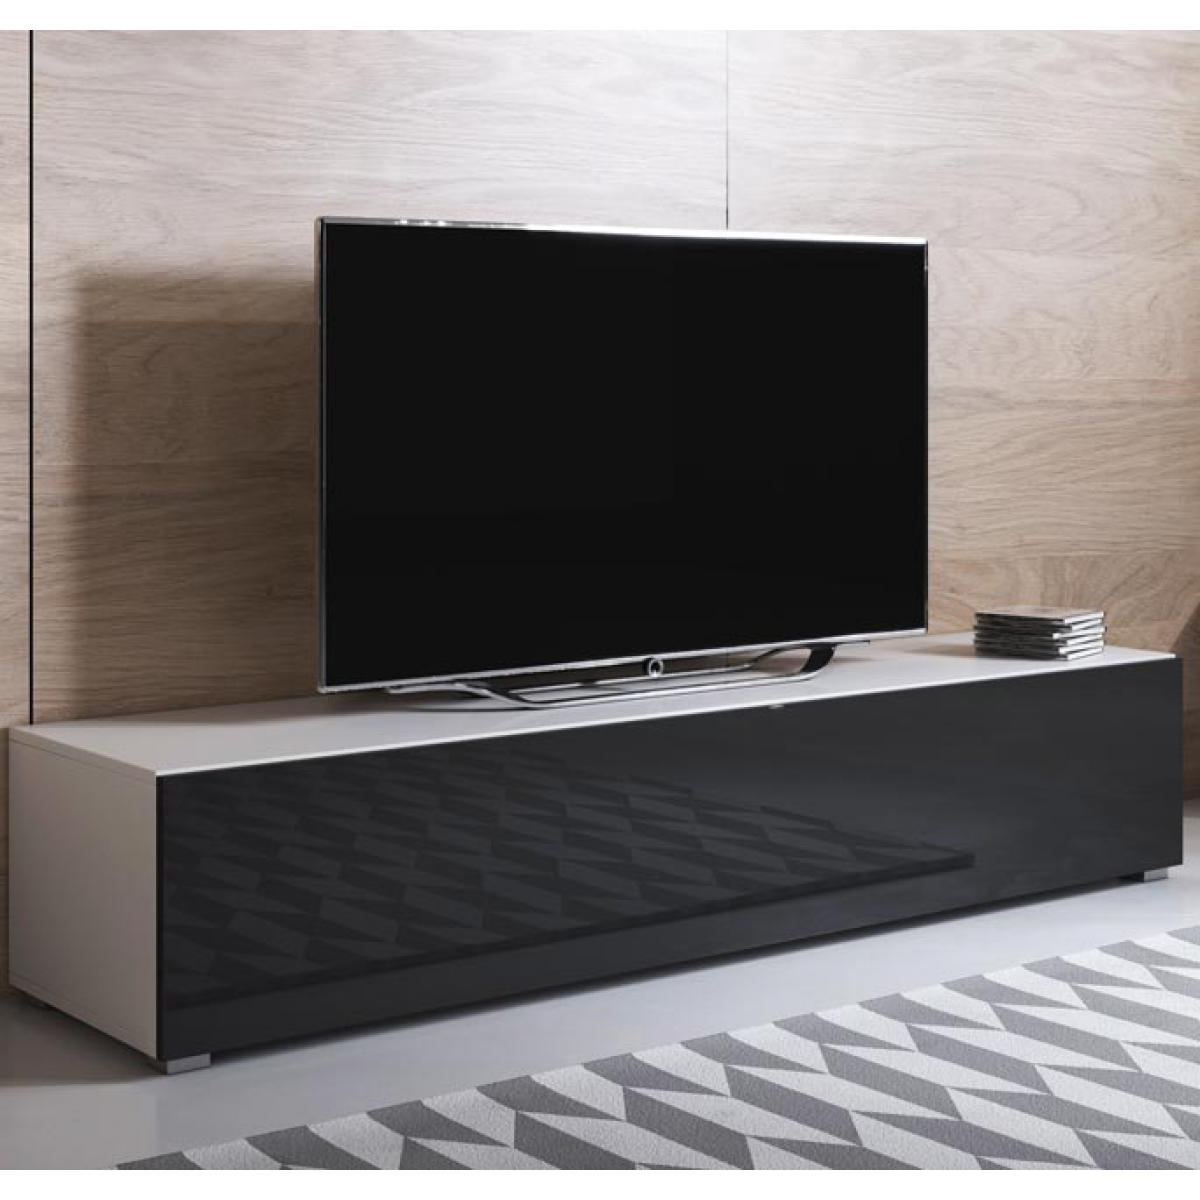 Design Ameublement Meuble TV modèle Luke H2 (160x32cm) couleur blanc et noir avec pieds standard